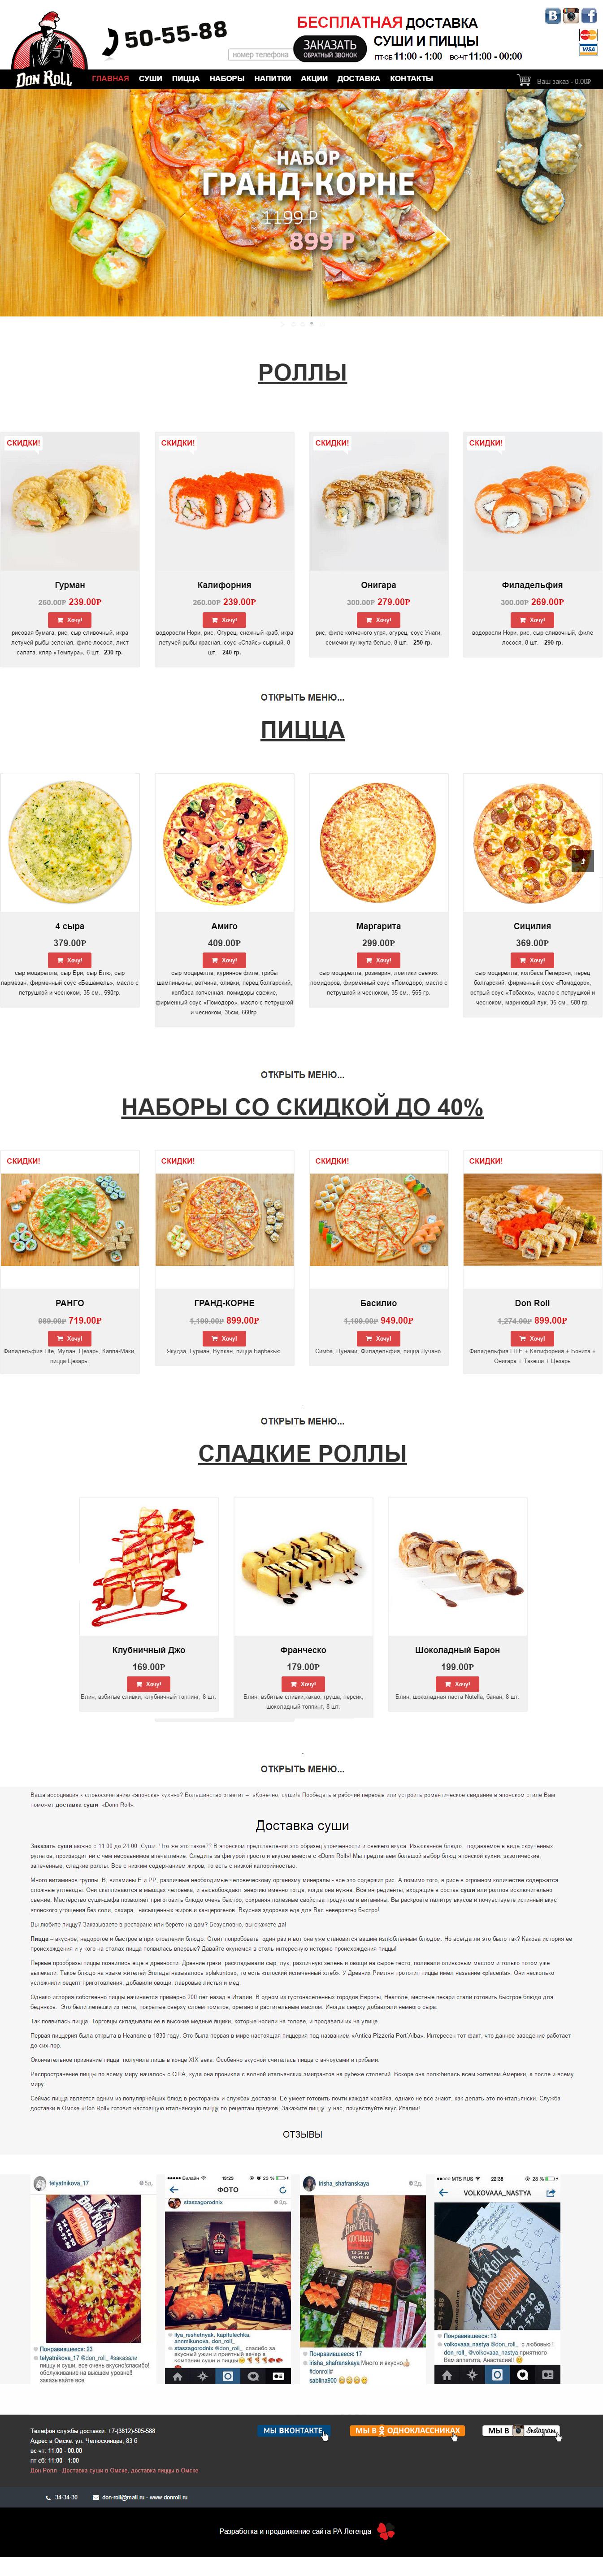 Создание интернет-магазина доставки пиццы